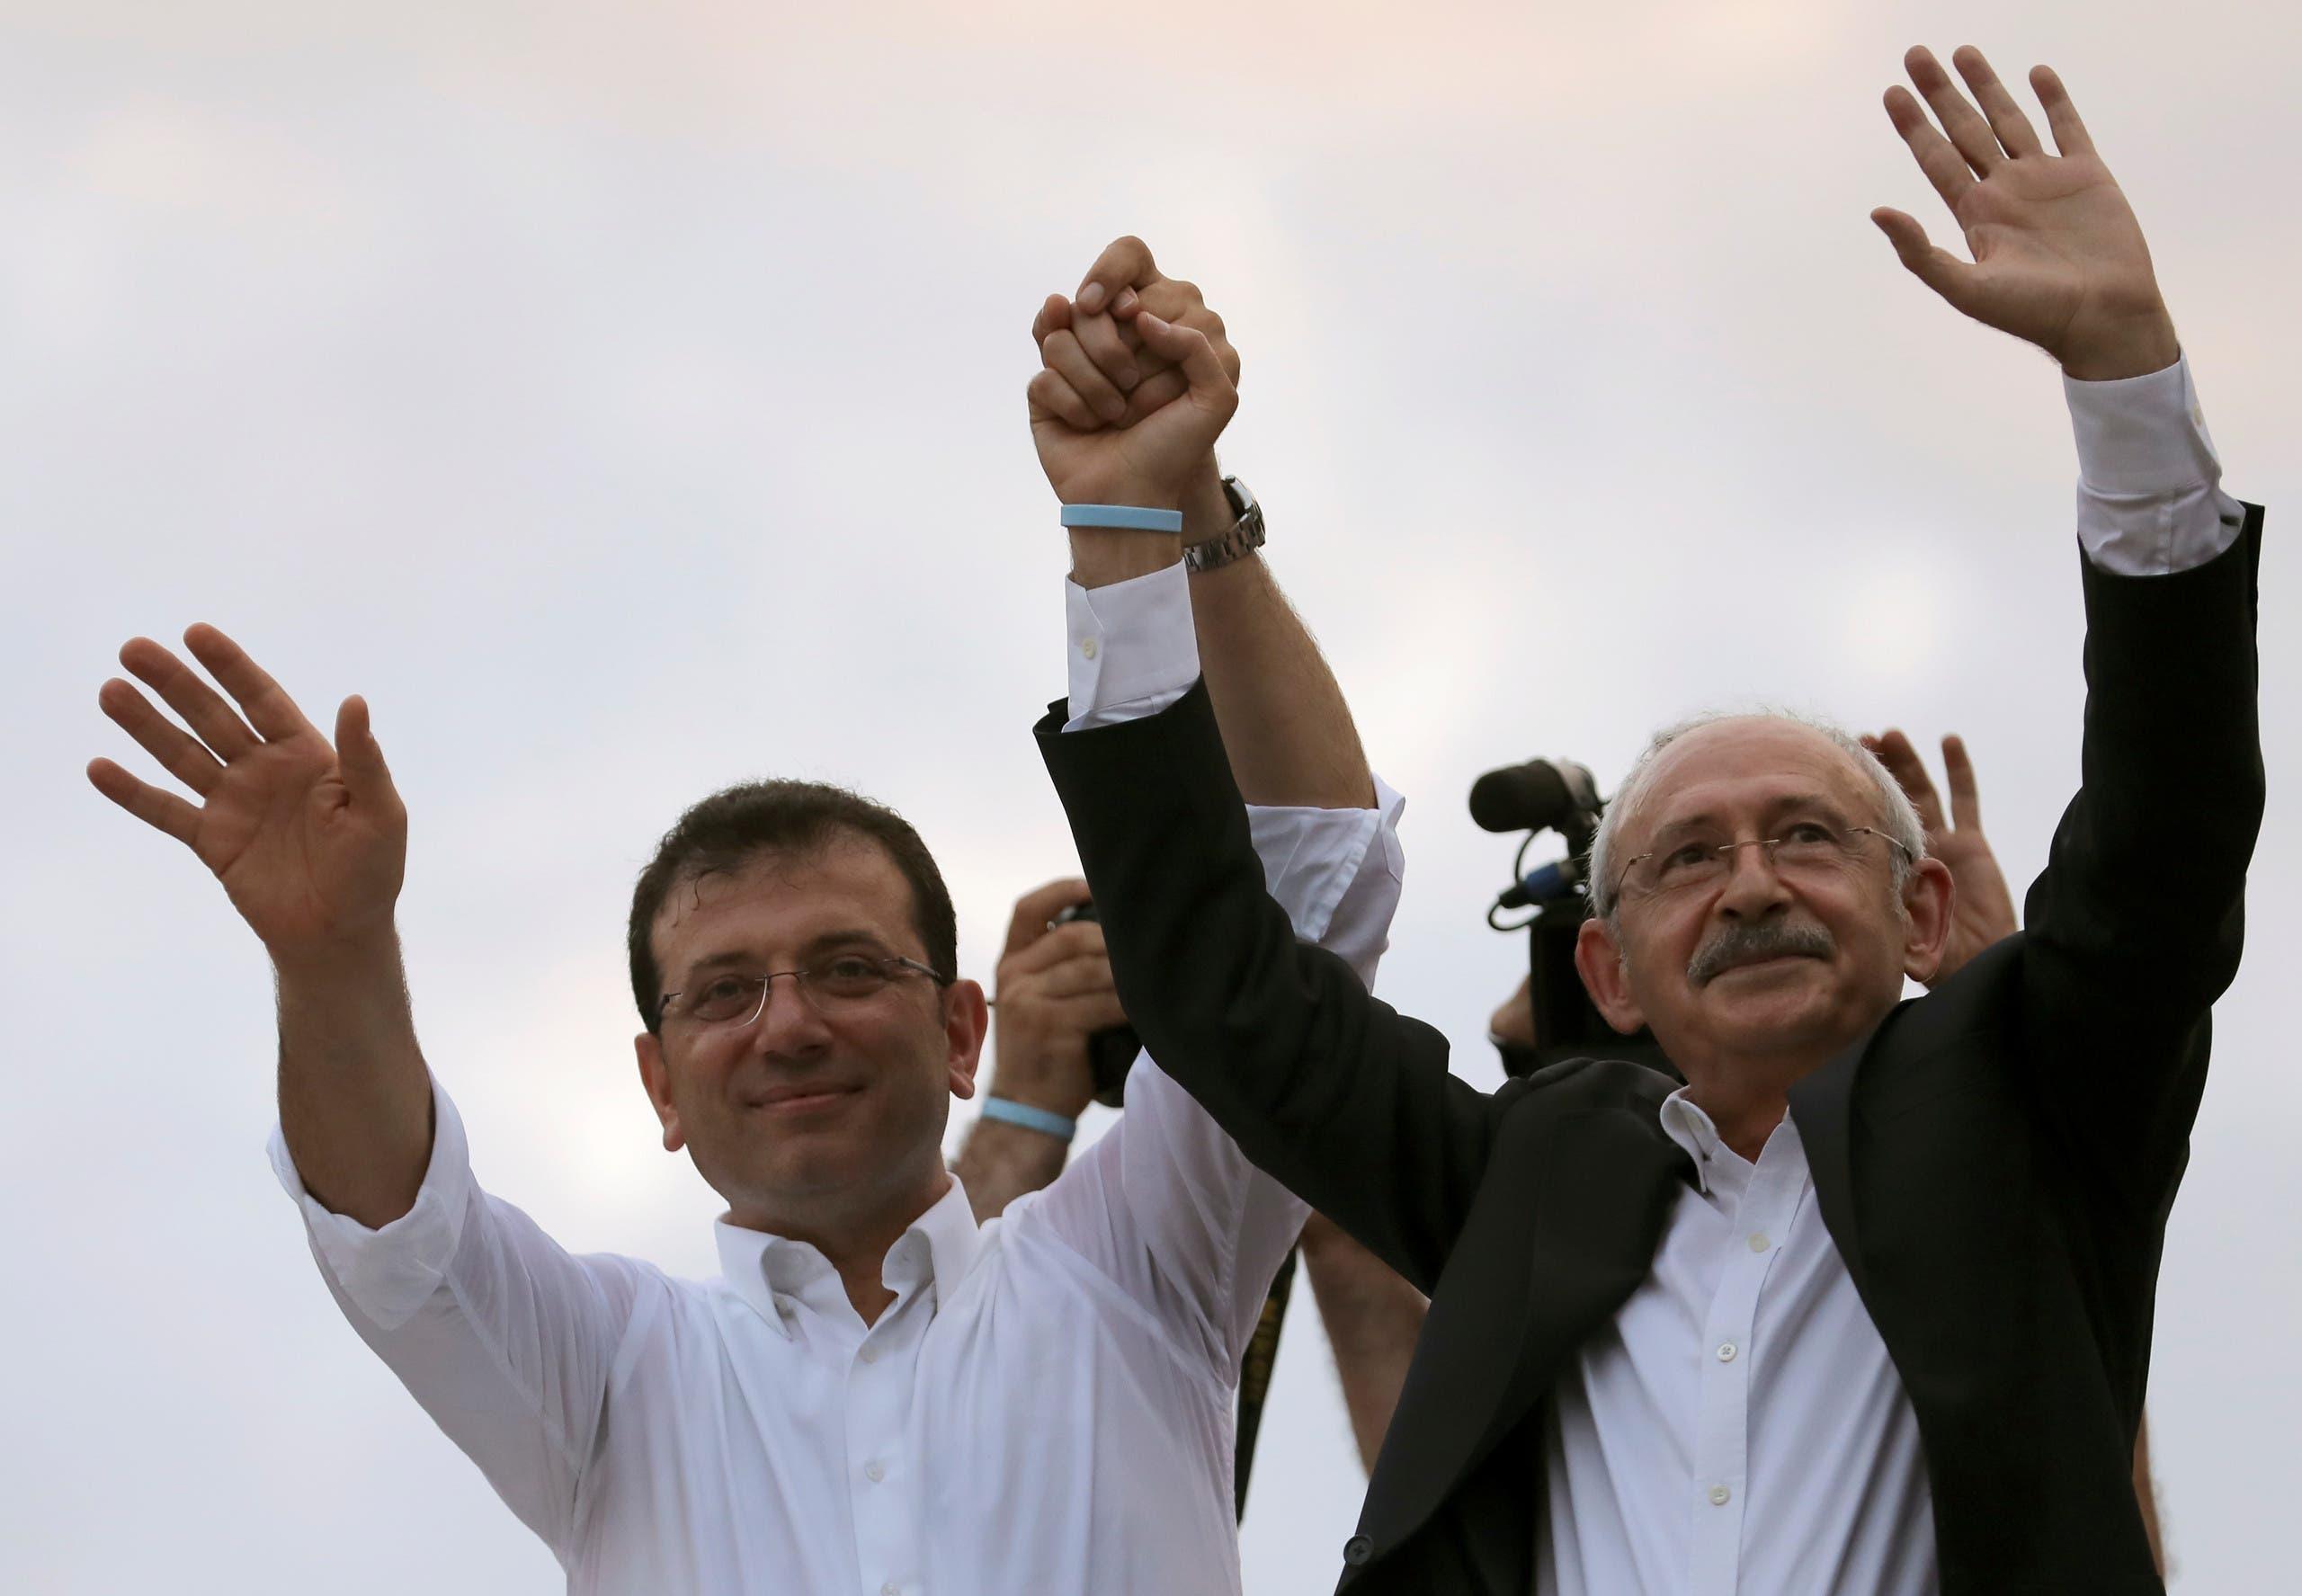 كليجدار أوغلو مع أكرم إمام أوغلو الفائز ببلدية اسطنبول في انتخابات العام الماضي